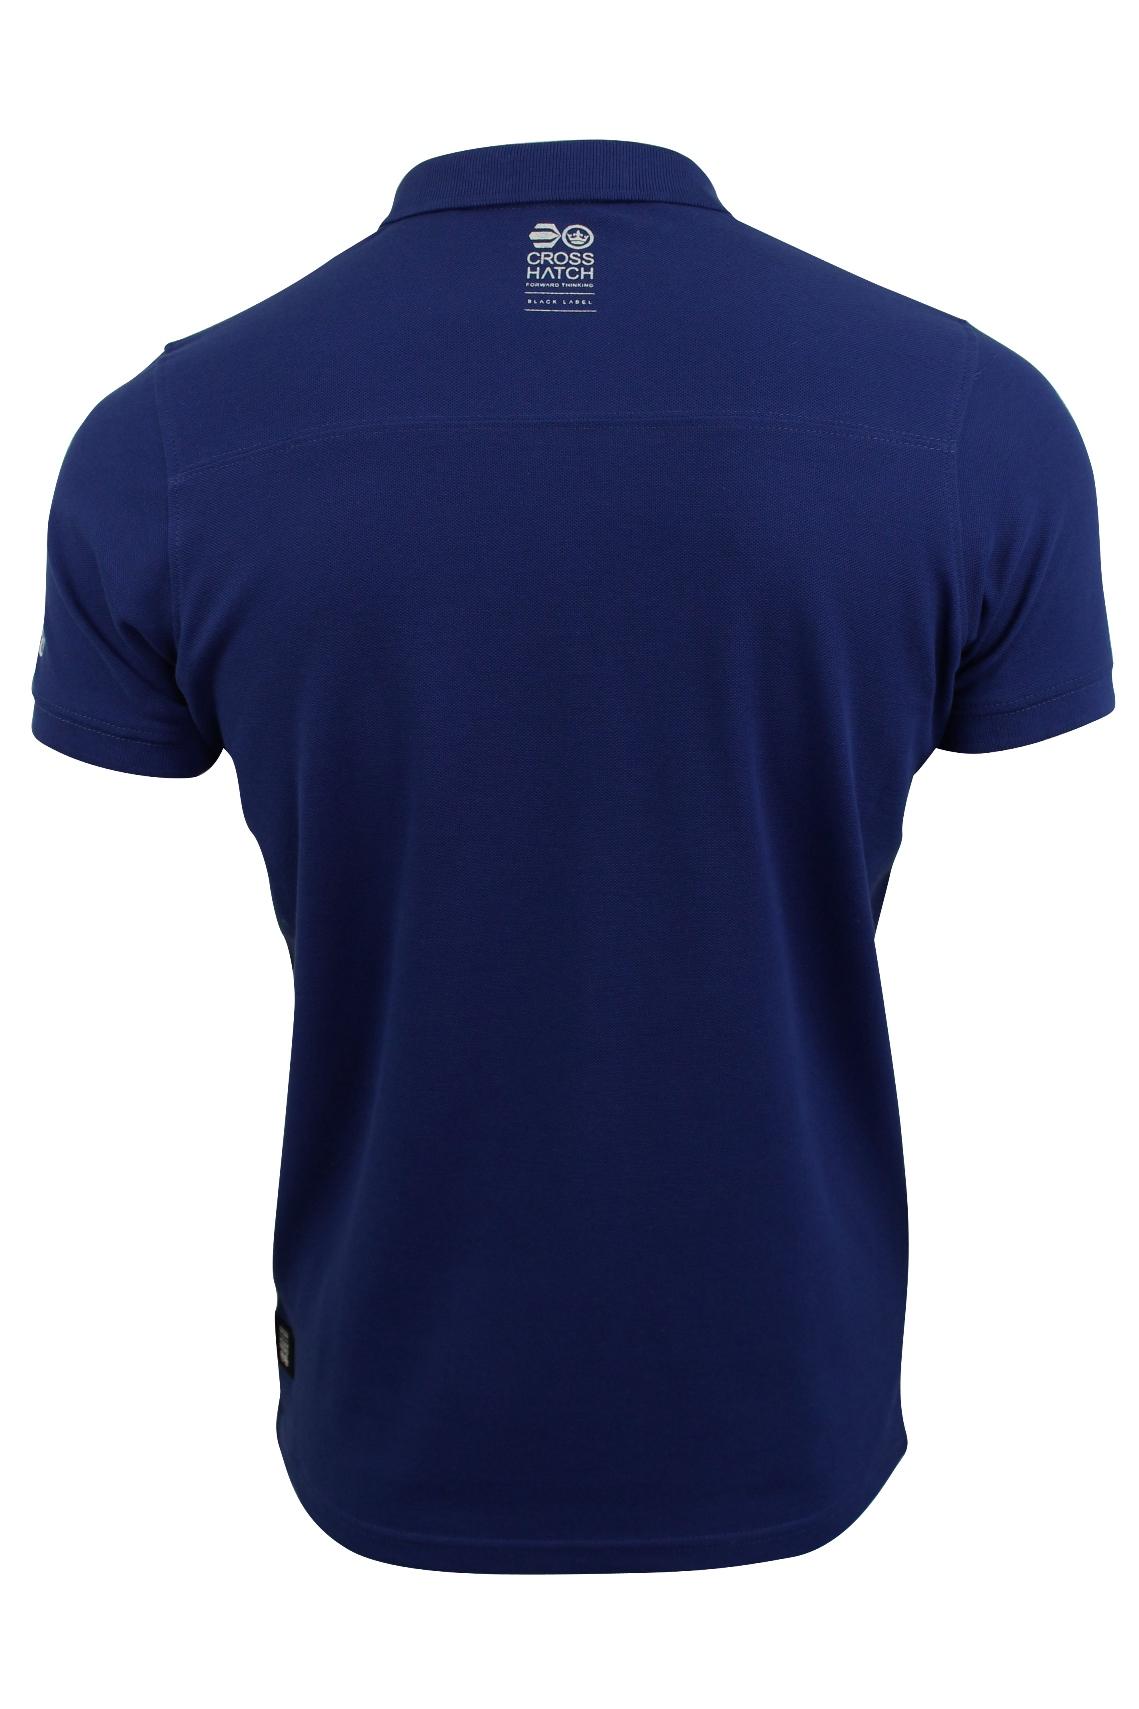 Camisa-Polo-Para-Hombre-De-Crosshatch-039-matriz-de-dos-Manga-corta-039 miniatura 11